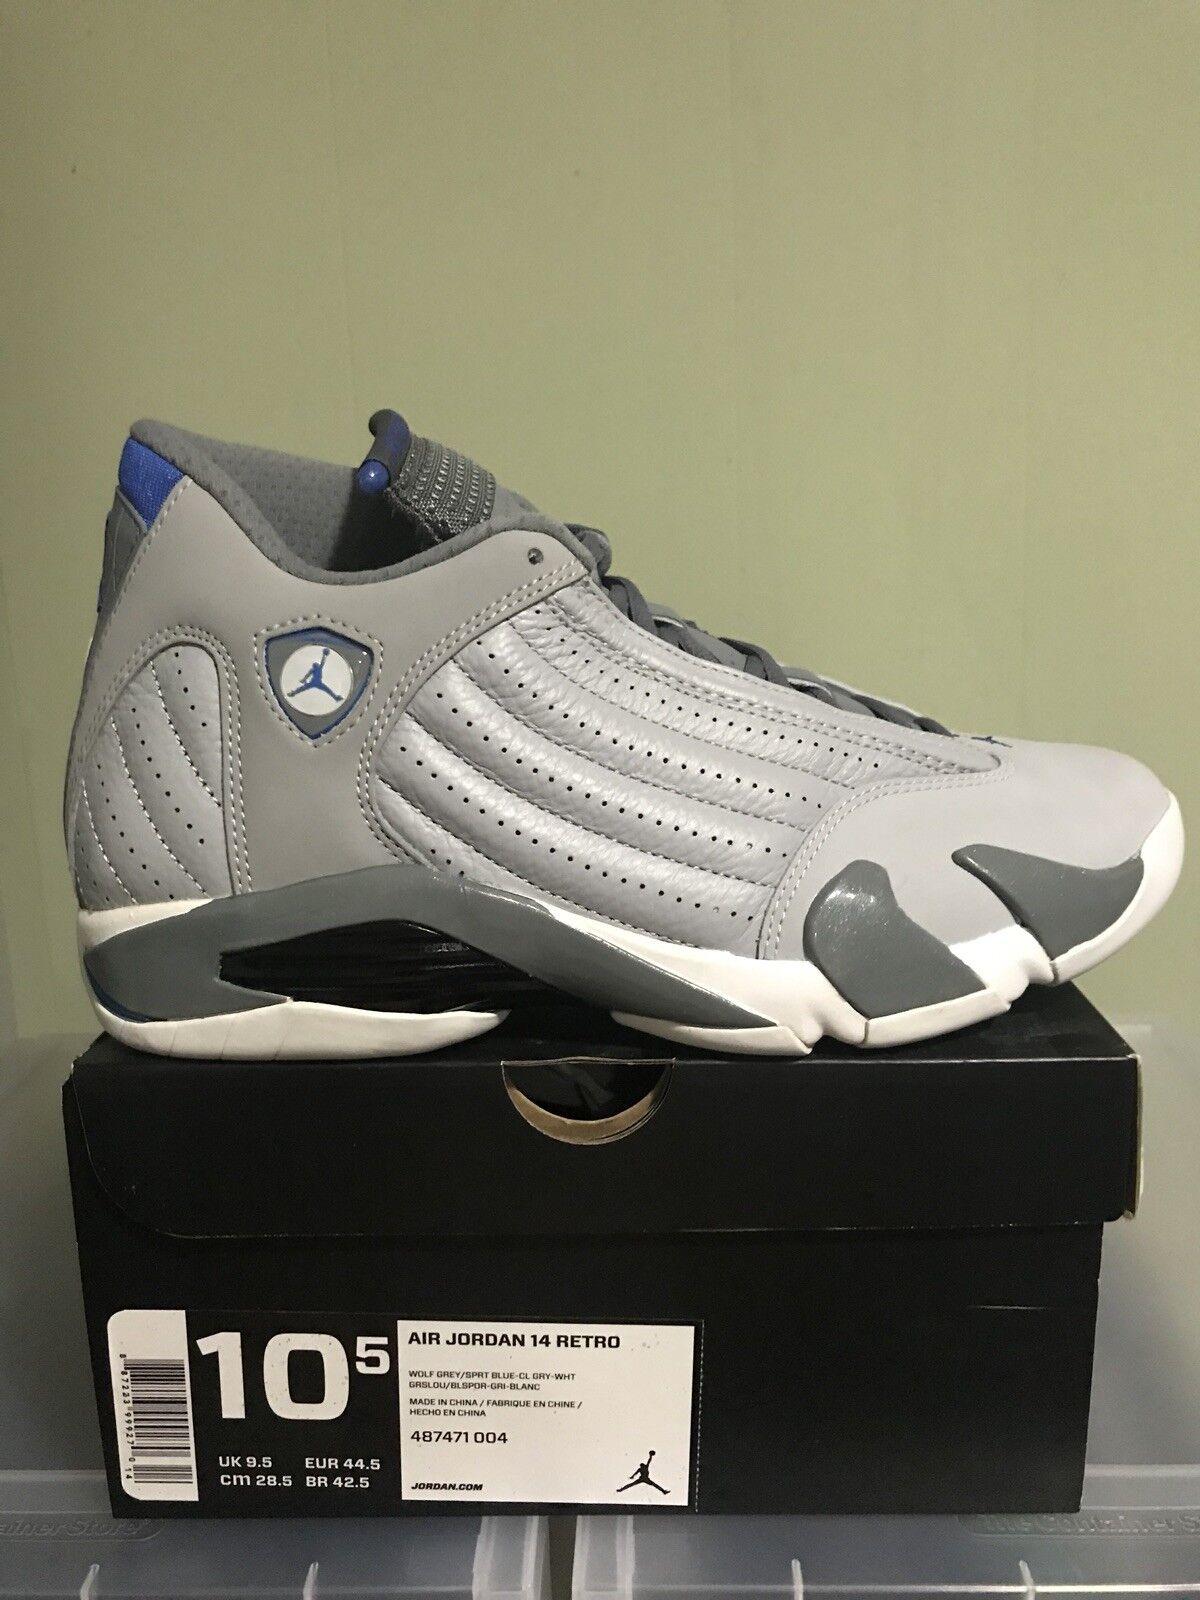 Nike Air Jordan Retro / 14 retro Wolf Gris / Retro sport Azul 487471-004 Hombre reducción de precio venta de liquidacion de temporada c77bb5